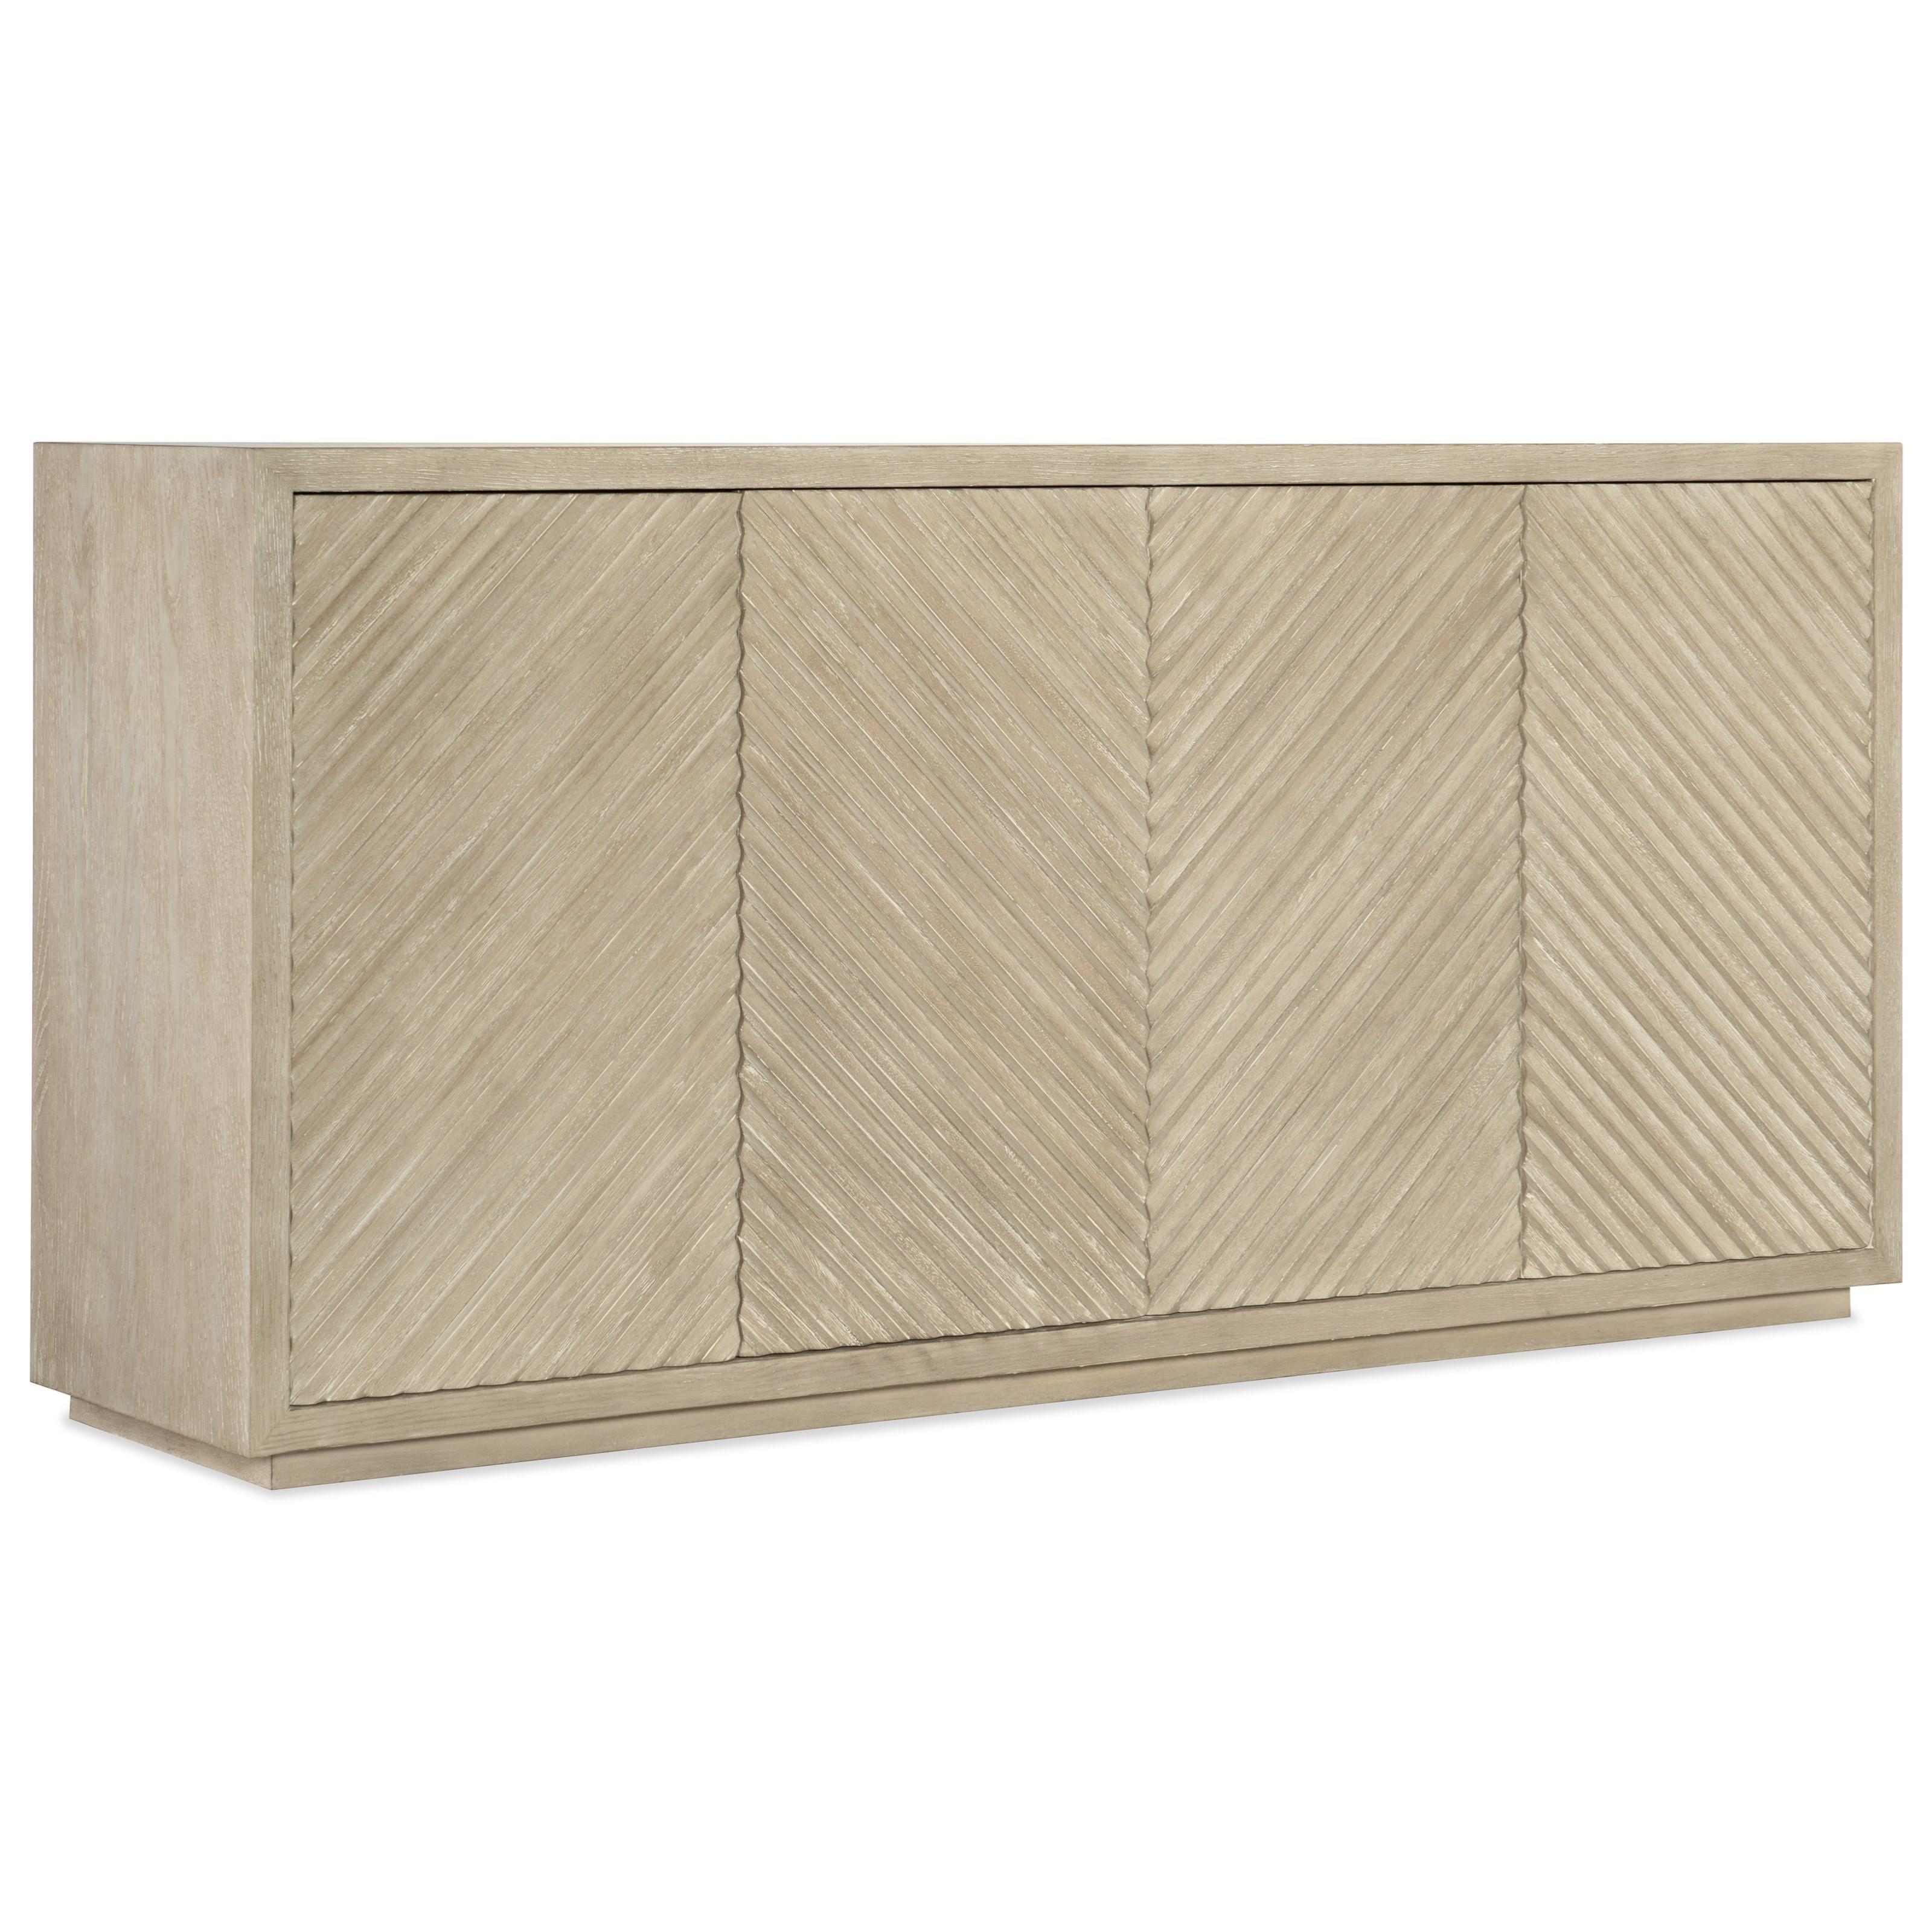 Cascade Server by Hooker Furniture at Baer's Furniture